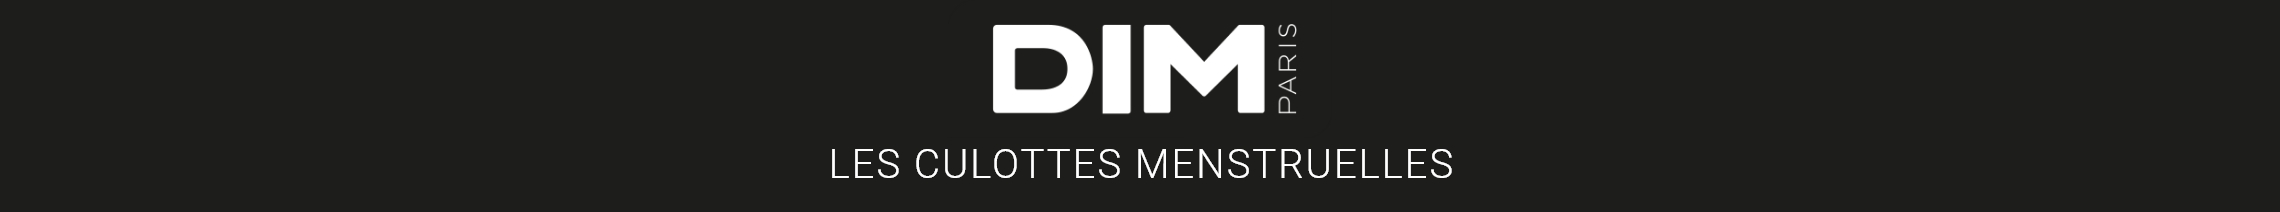 DIM : Les culottes menstruelles